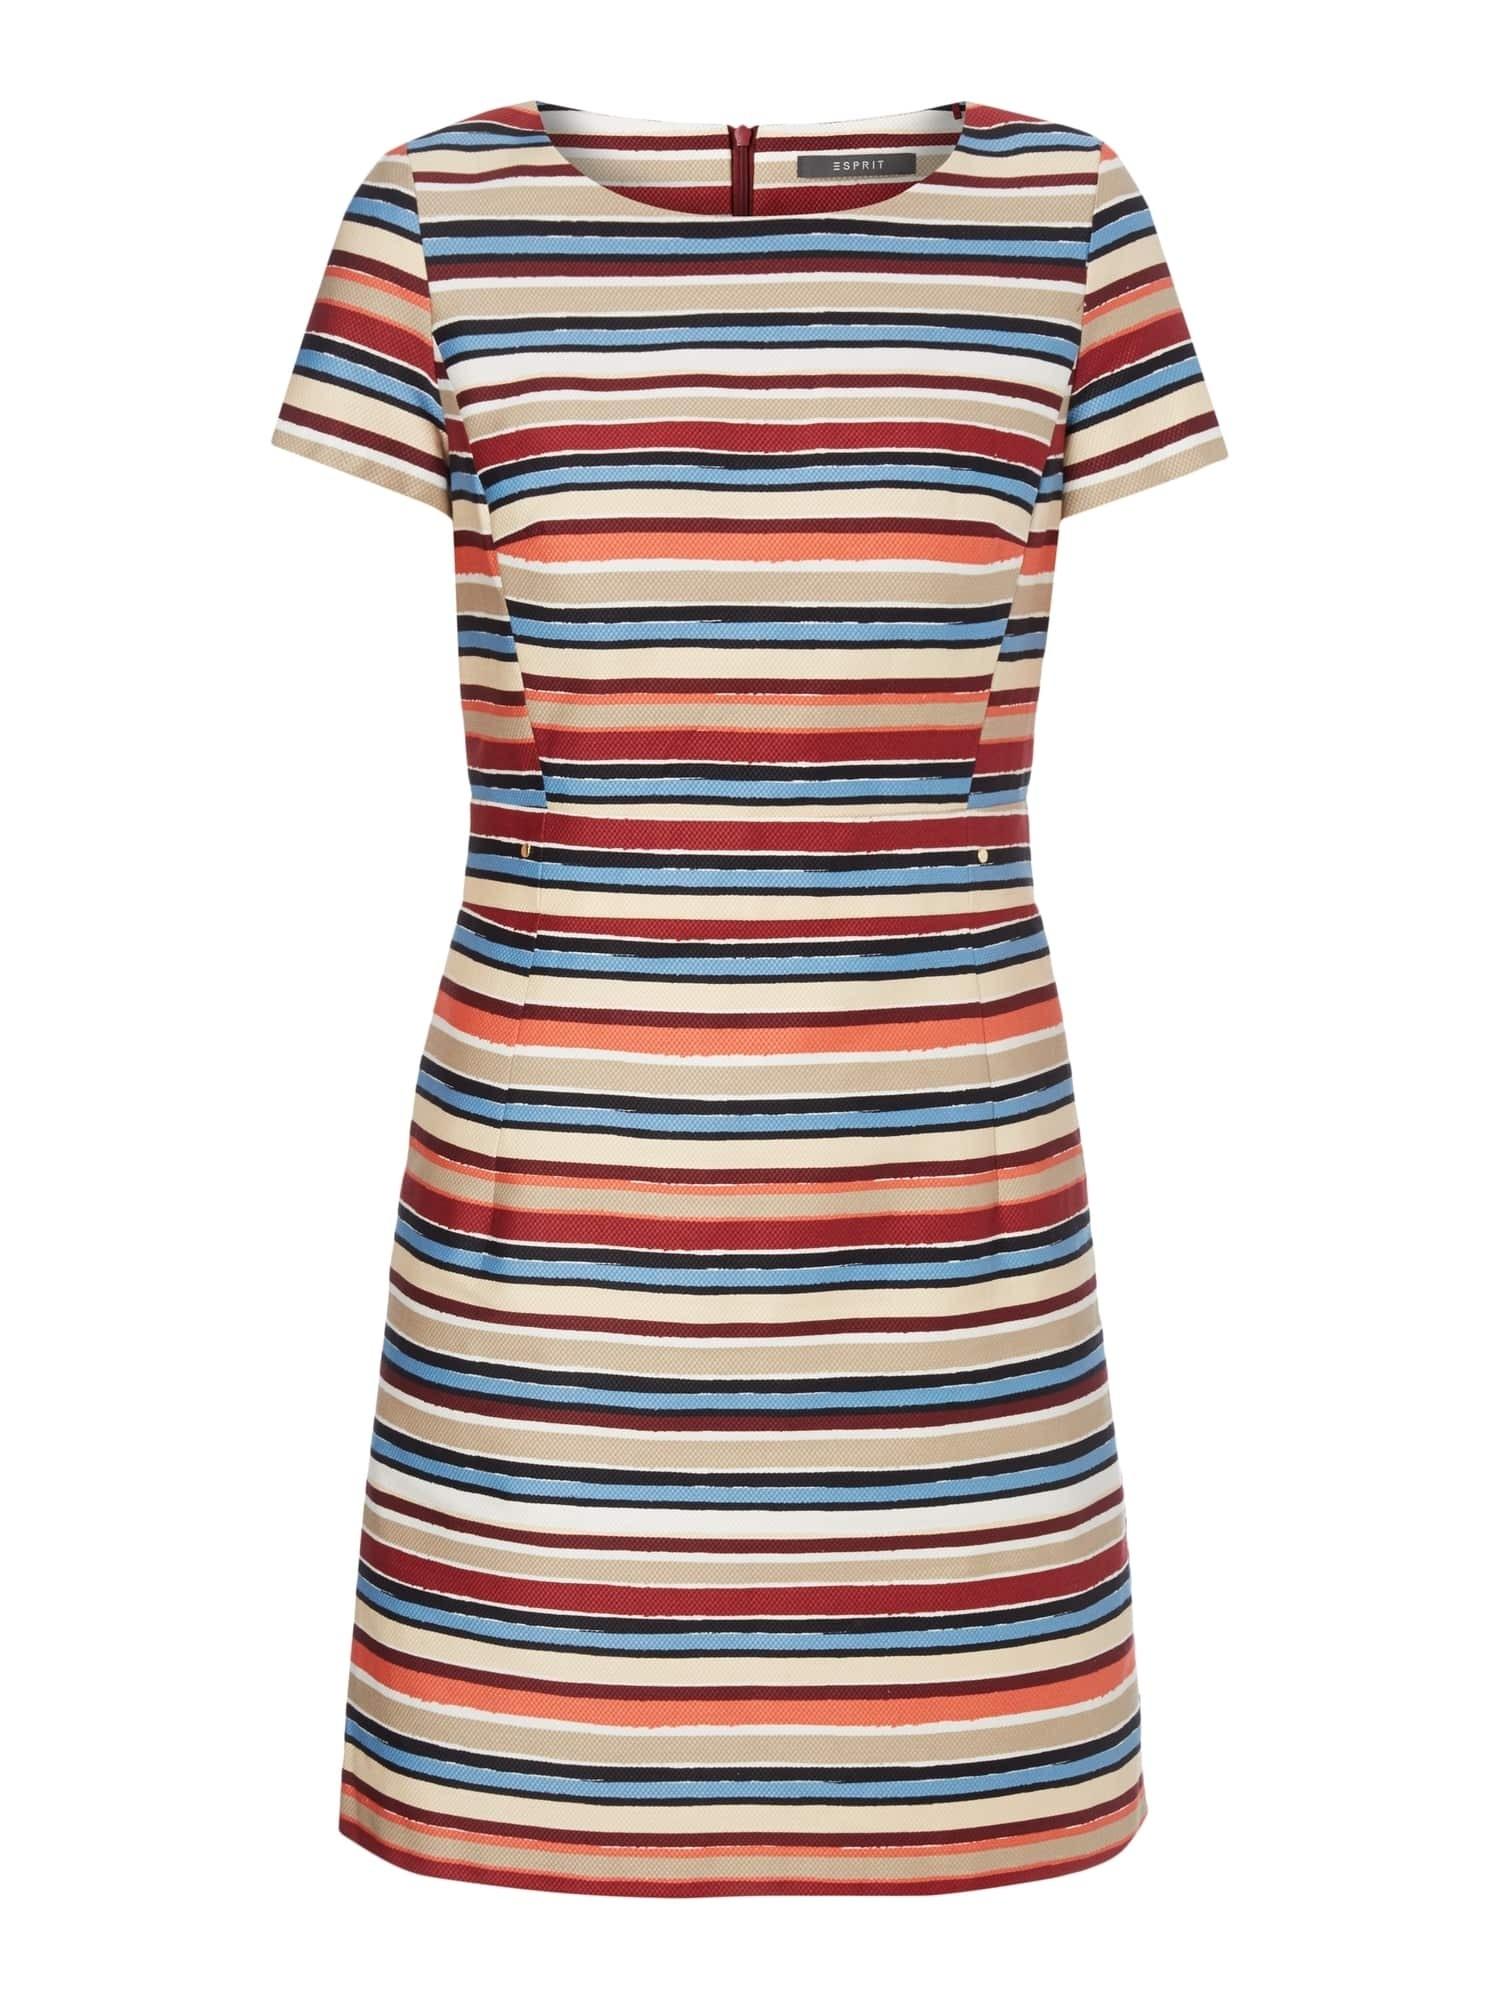 17 Luxurius Online Kleidung Bestellen für 2019Abend Wunderbar Online Kleidung Bestellen Vertrieb